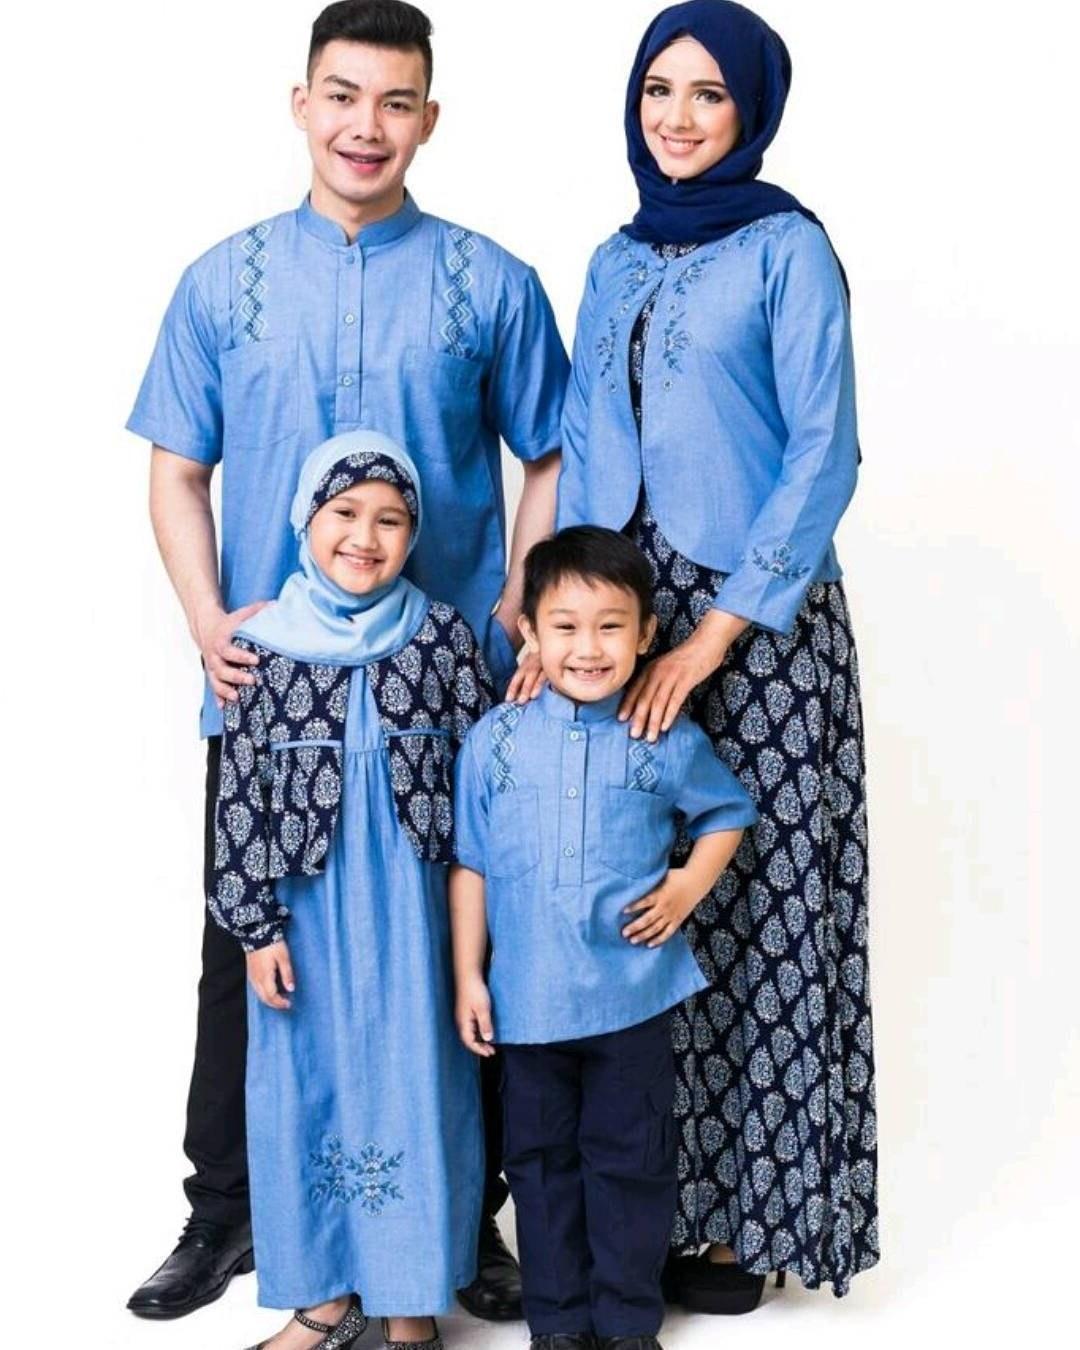 Bentuk Baju Lebaran Keluarga 2020 Kvdd Model Baju Keluarga Untuk Hari Raya Lebaran 2018